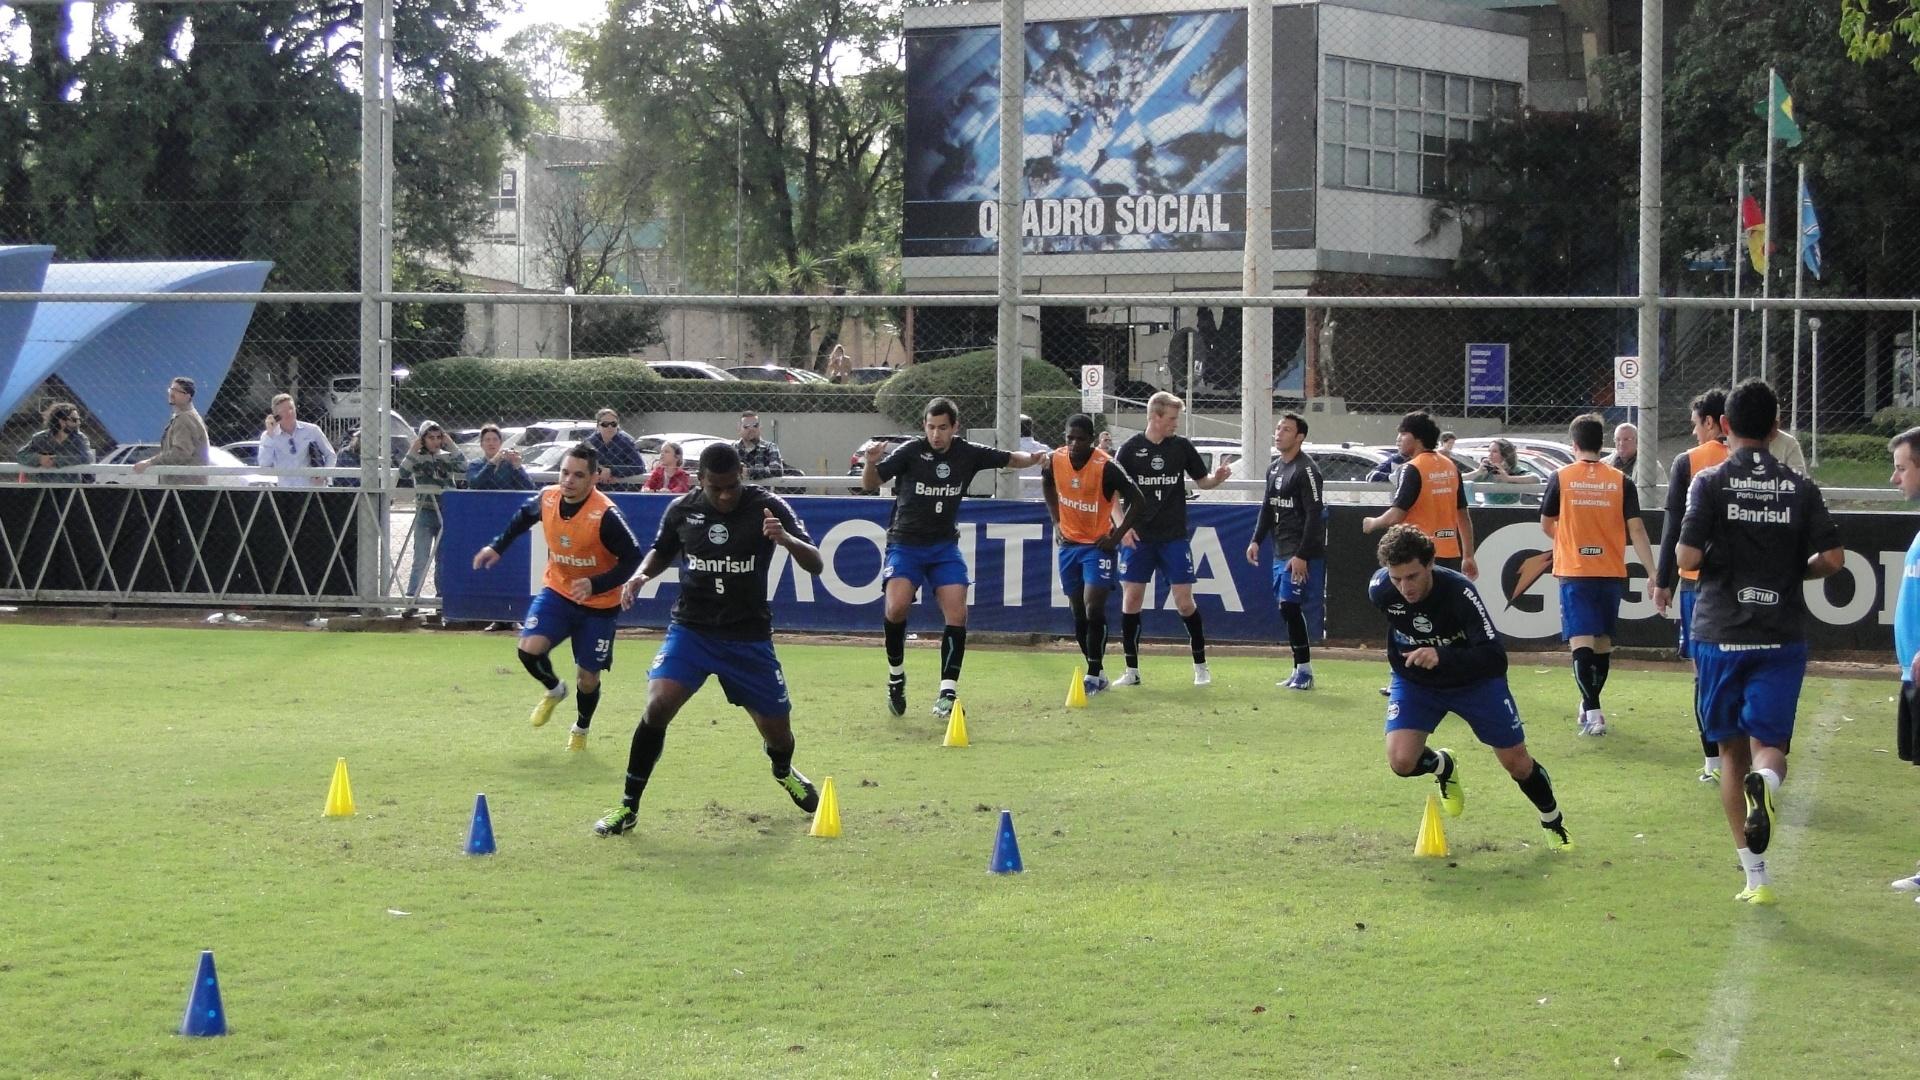 Elano, Fernando e jogadores do Grêmio realizam treino físico no gramado suplementar do estádio Olímpico (07/05/2013)